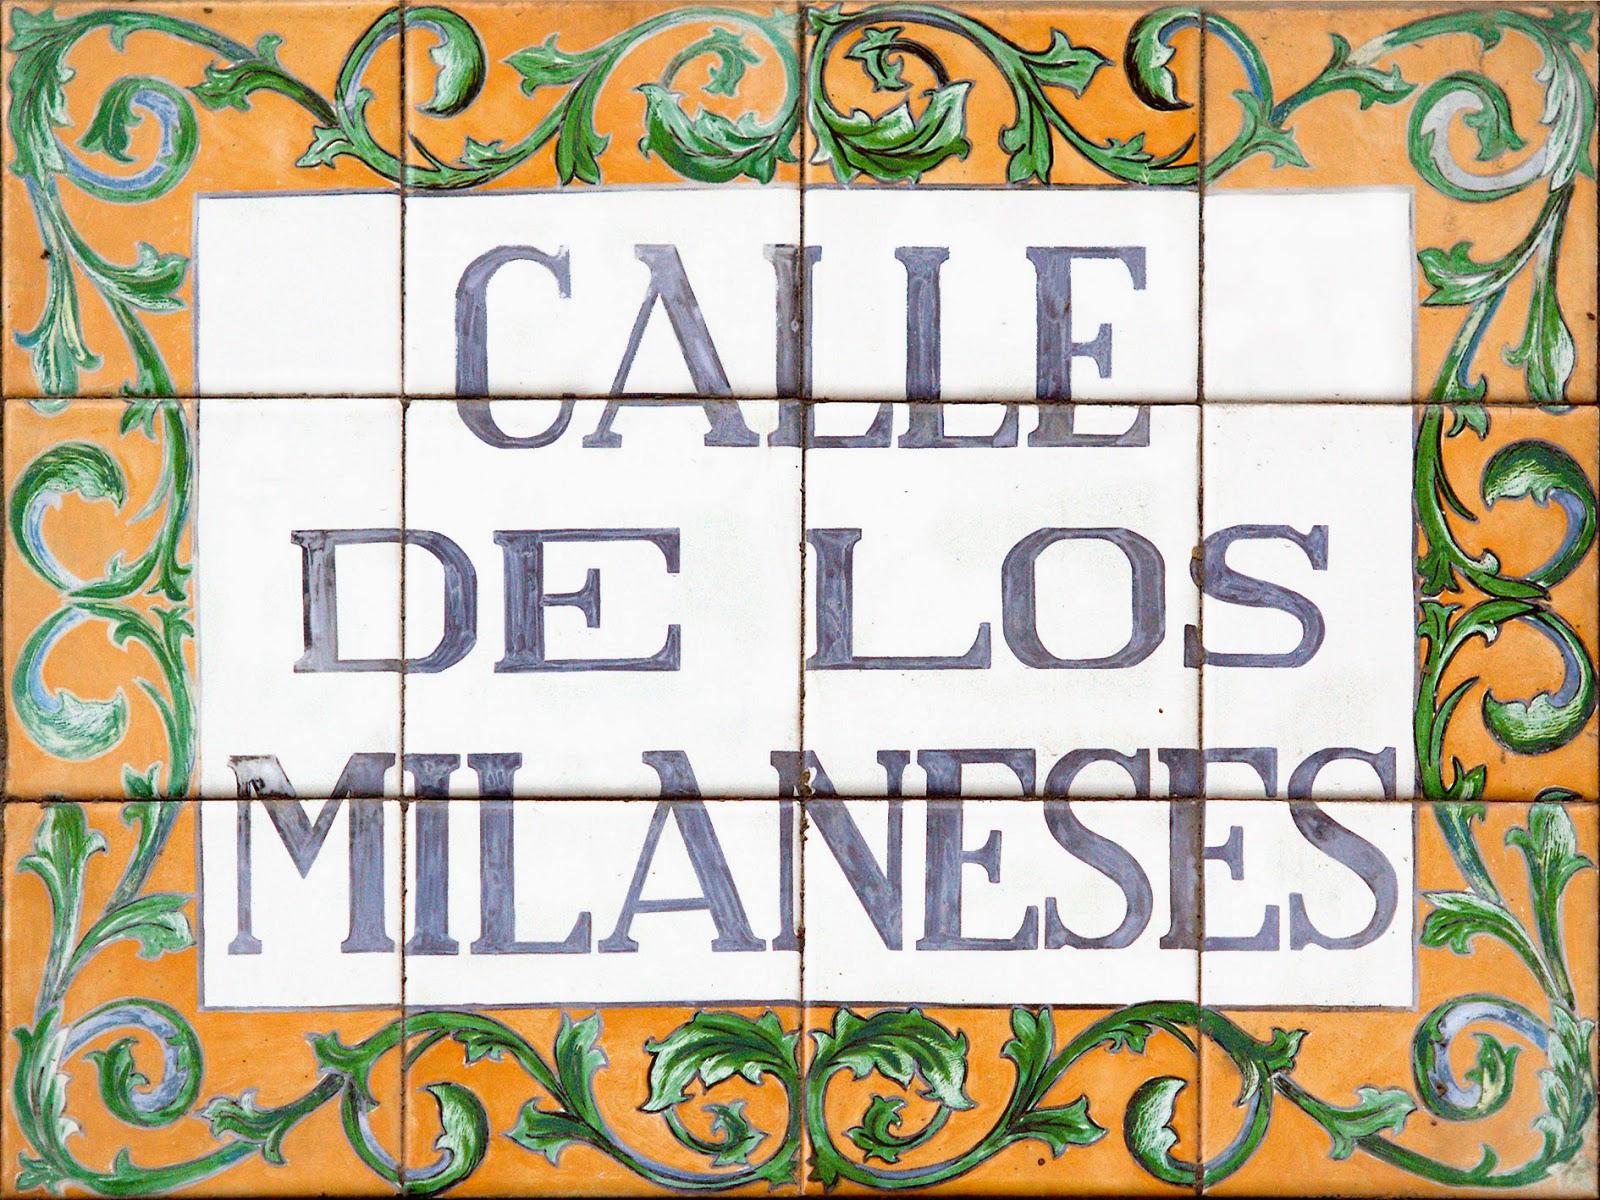 Calle de los Milaneses